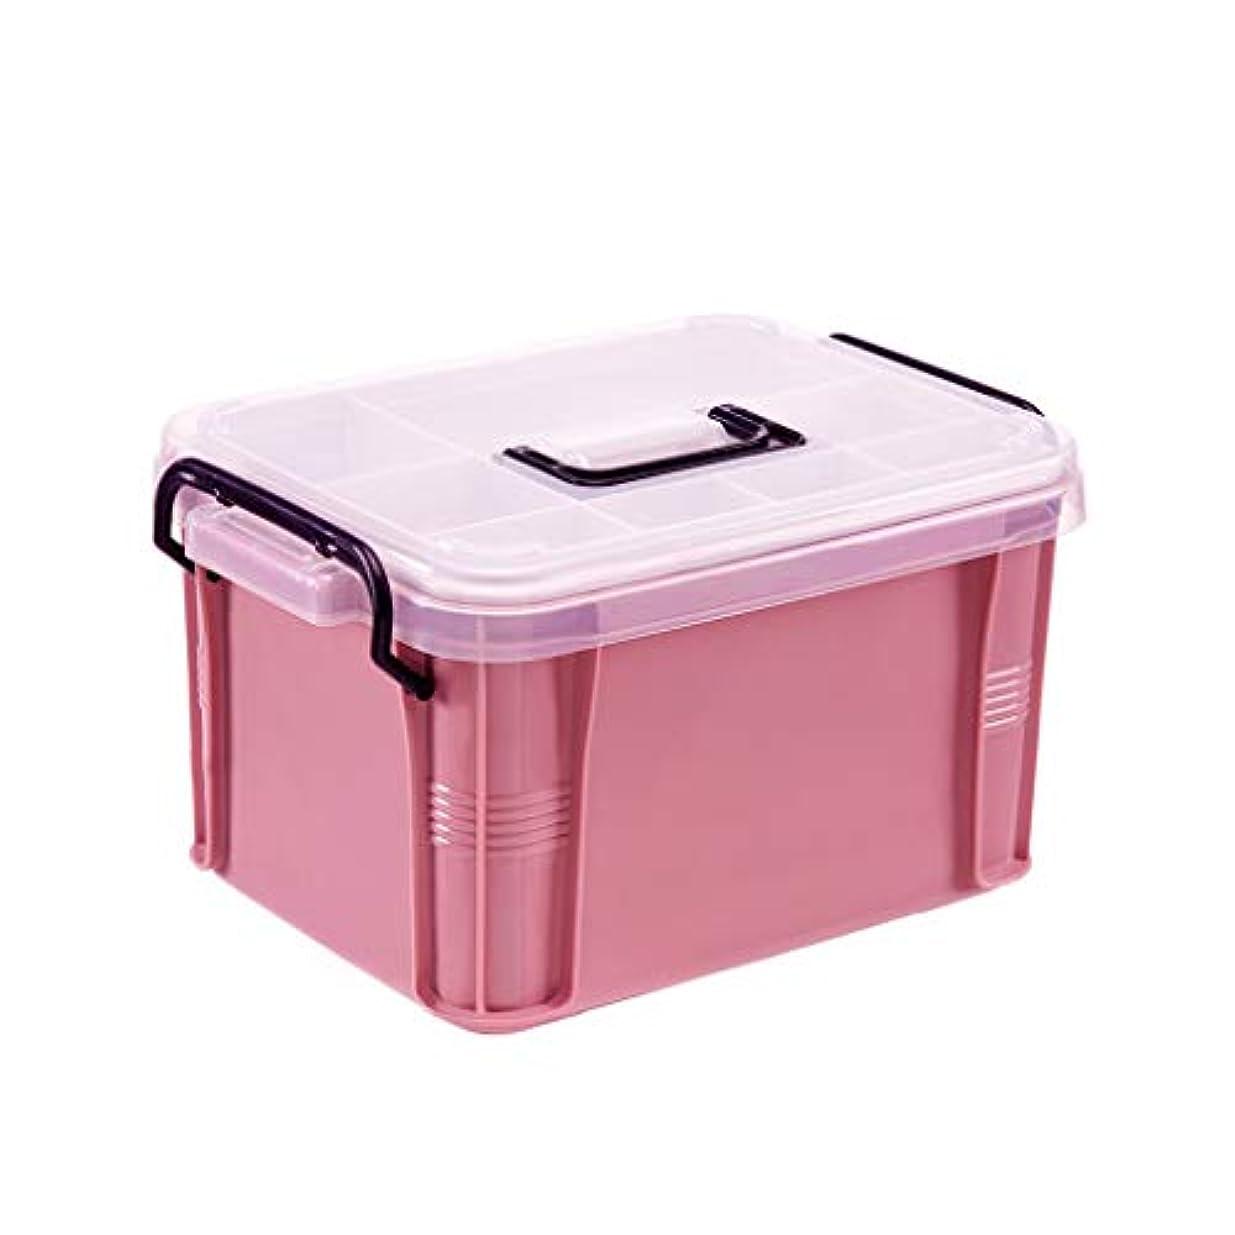 アーティファクト毒液故国小さな薬箱ポータブル大容量薬収納ボックスホーム緊急医療ボックス救急箱 HUXIUPING (Color : Pink, Size : S)